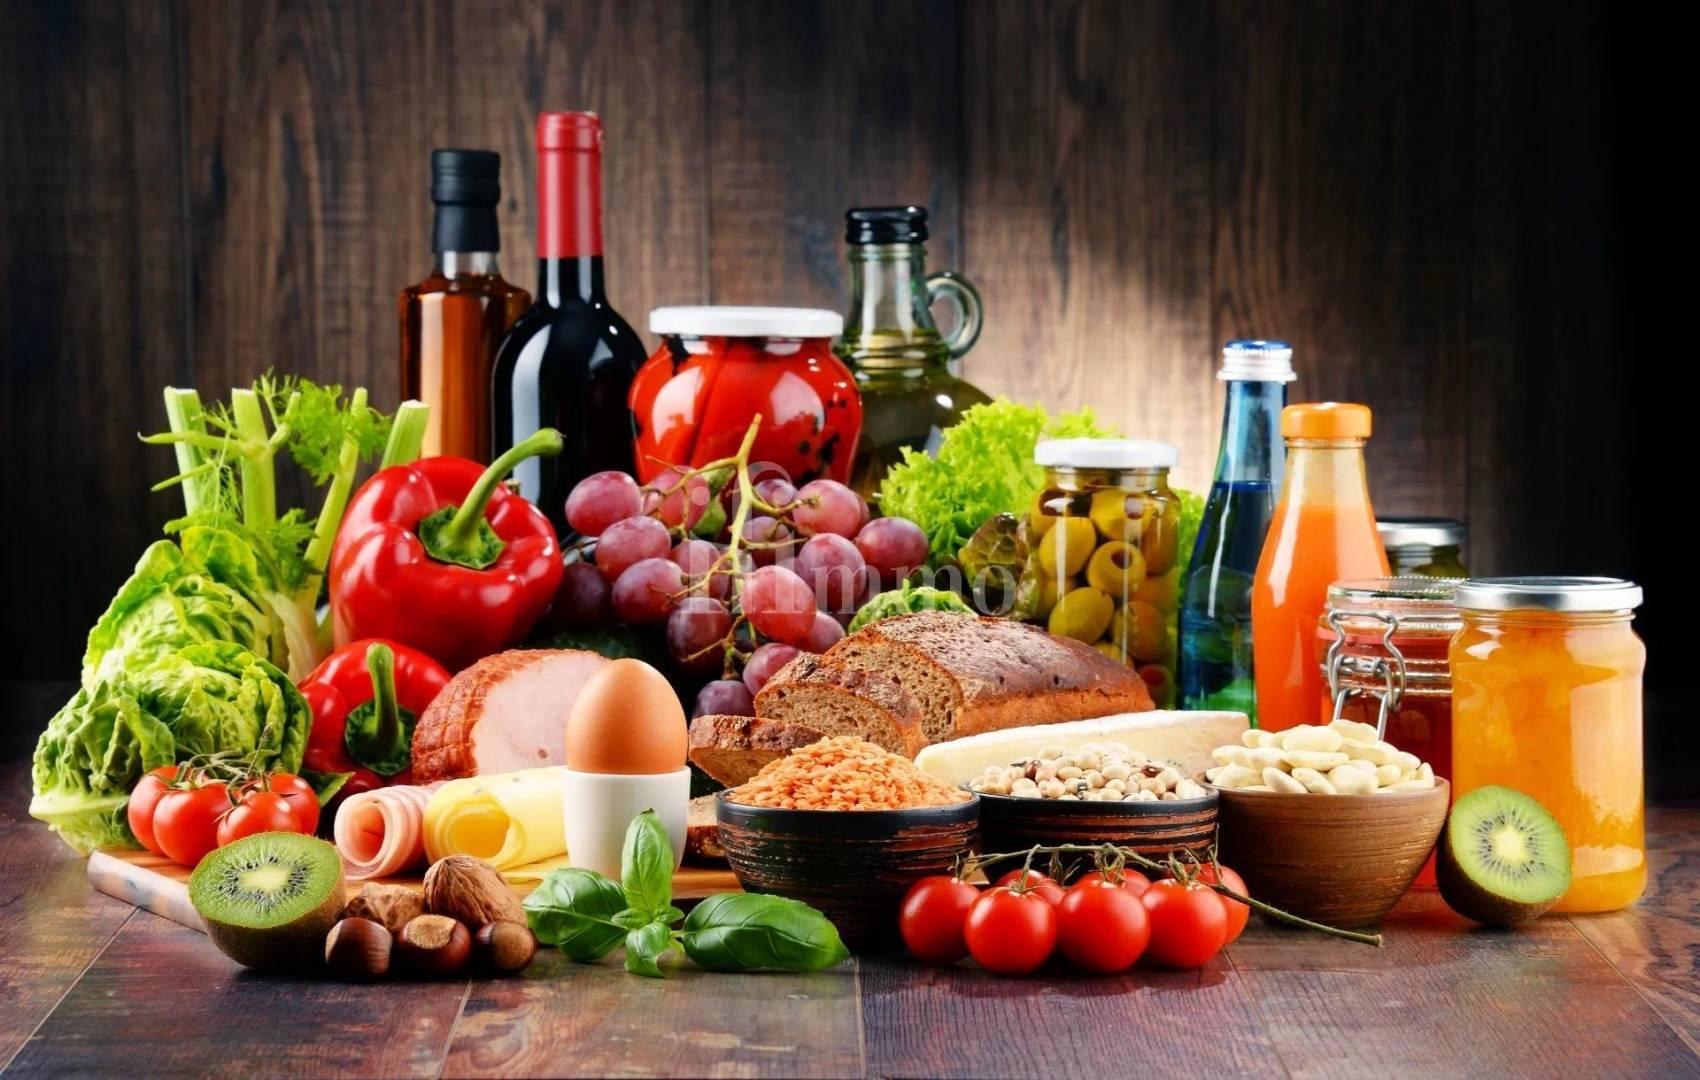 pepper,egg,fruit,spice,breadboard,foodstuffs,plate,bottle,nut,ve